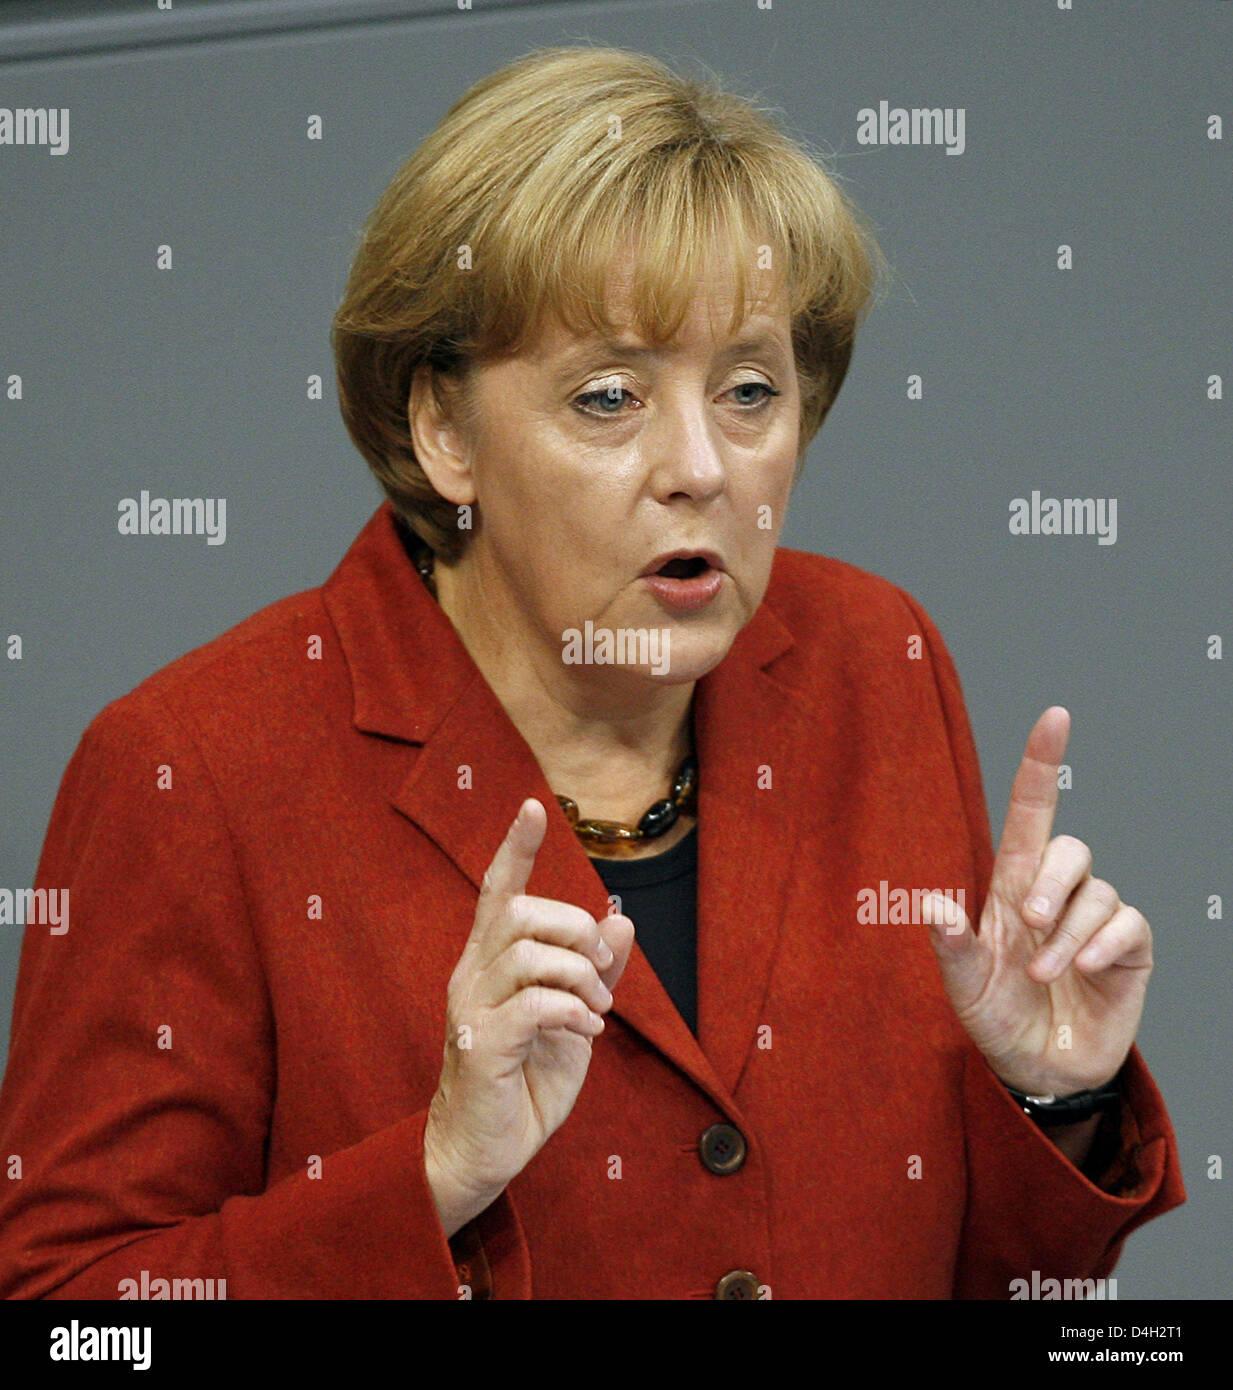 La chancelière allemande Angela Merkel donne une déclaration du gouvernement sur la crise financière mondiale au Bundestag à Berlin, Allemagne, 15 octobre 2008. Les débats du parlement allemand le plan de sauvetage des banques et l'augmentation des prestations pour enfants. Photo: WOLFGANG KUMM Banque D'Images